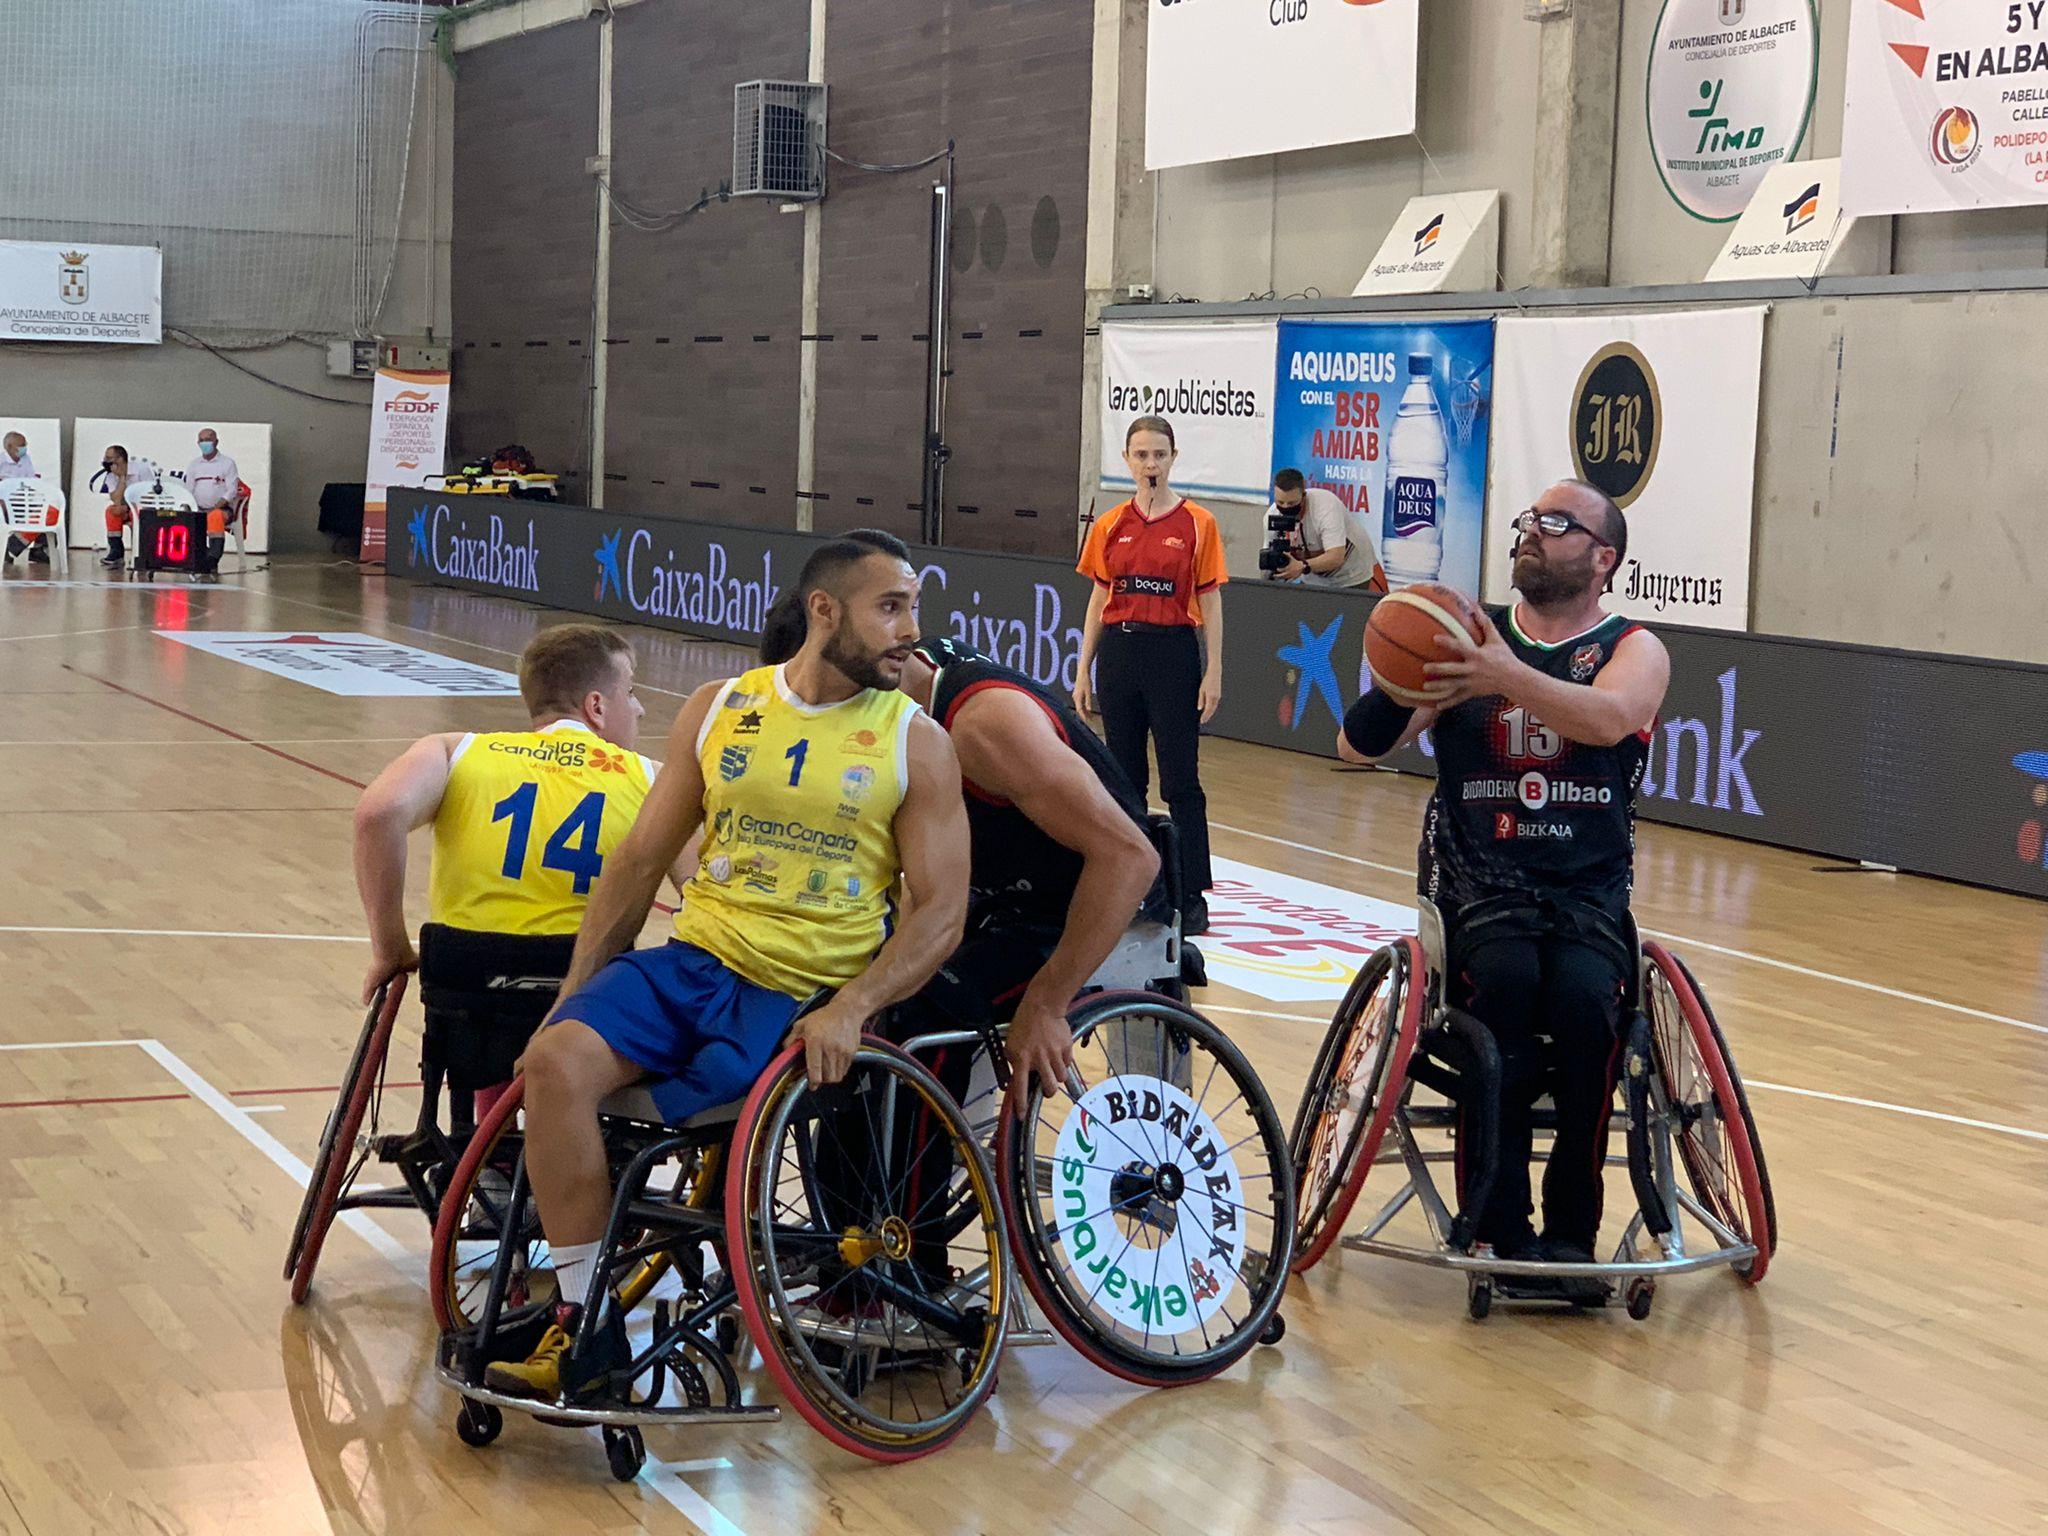 El BSR Econy Gran Canaria planta cara, pero es eliminado por Bilbao en Copa